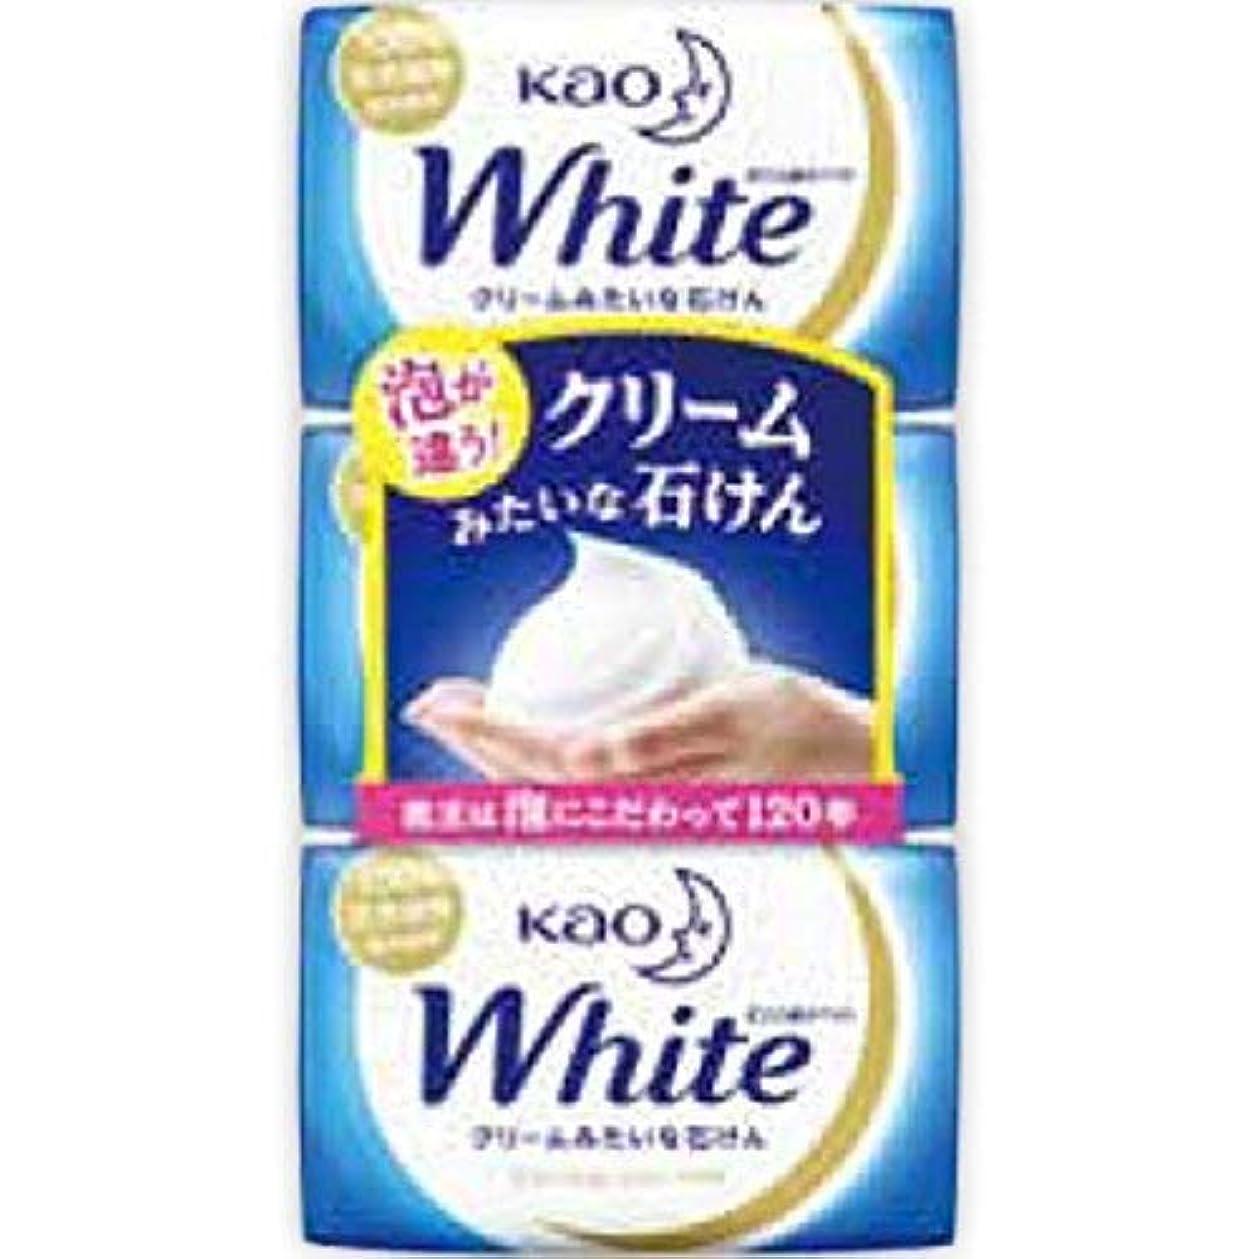 排気学校の先生見捨てられた花王ホワイト レギュラーサイズ 85g*3個入